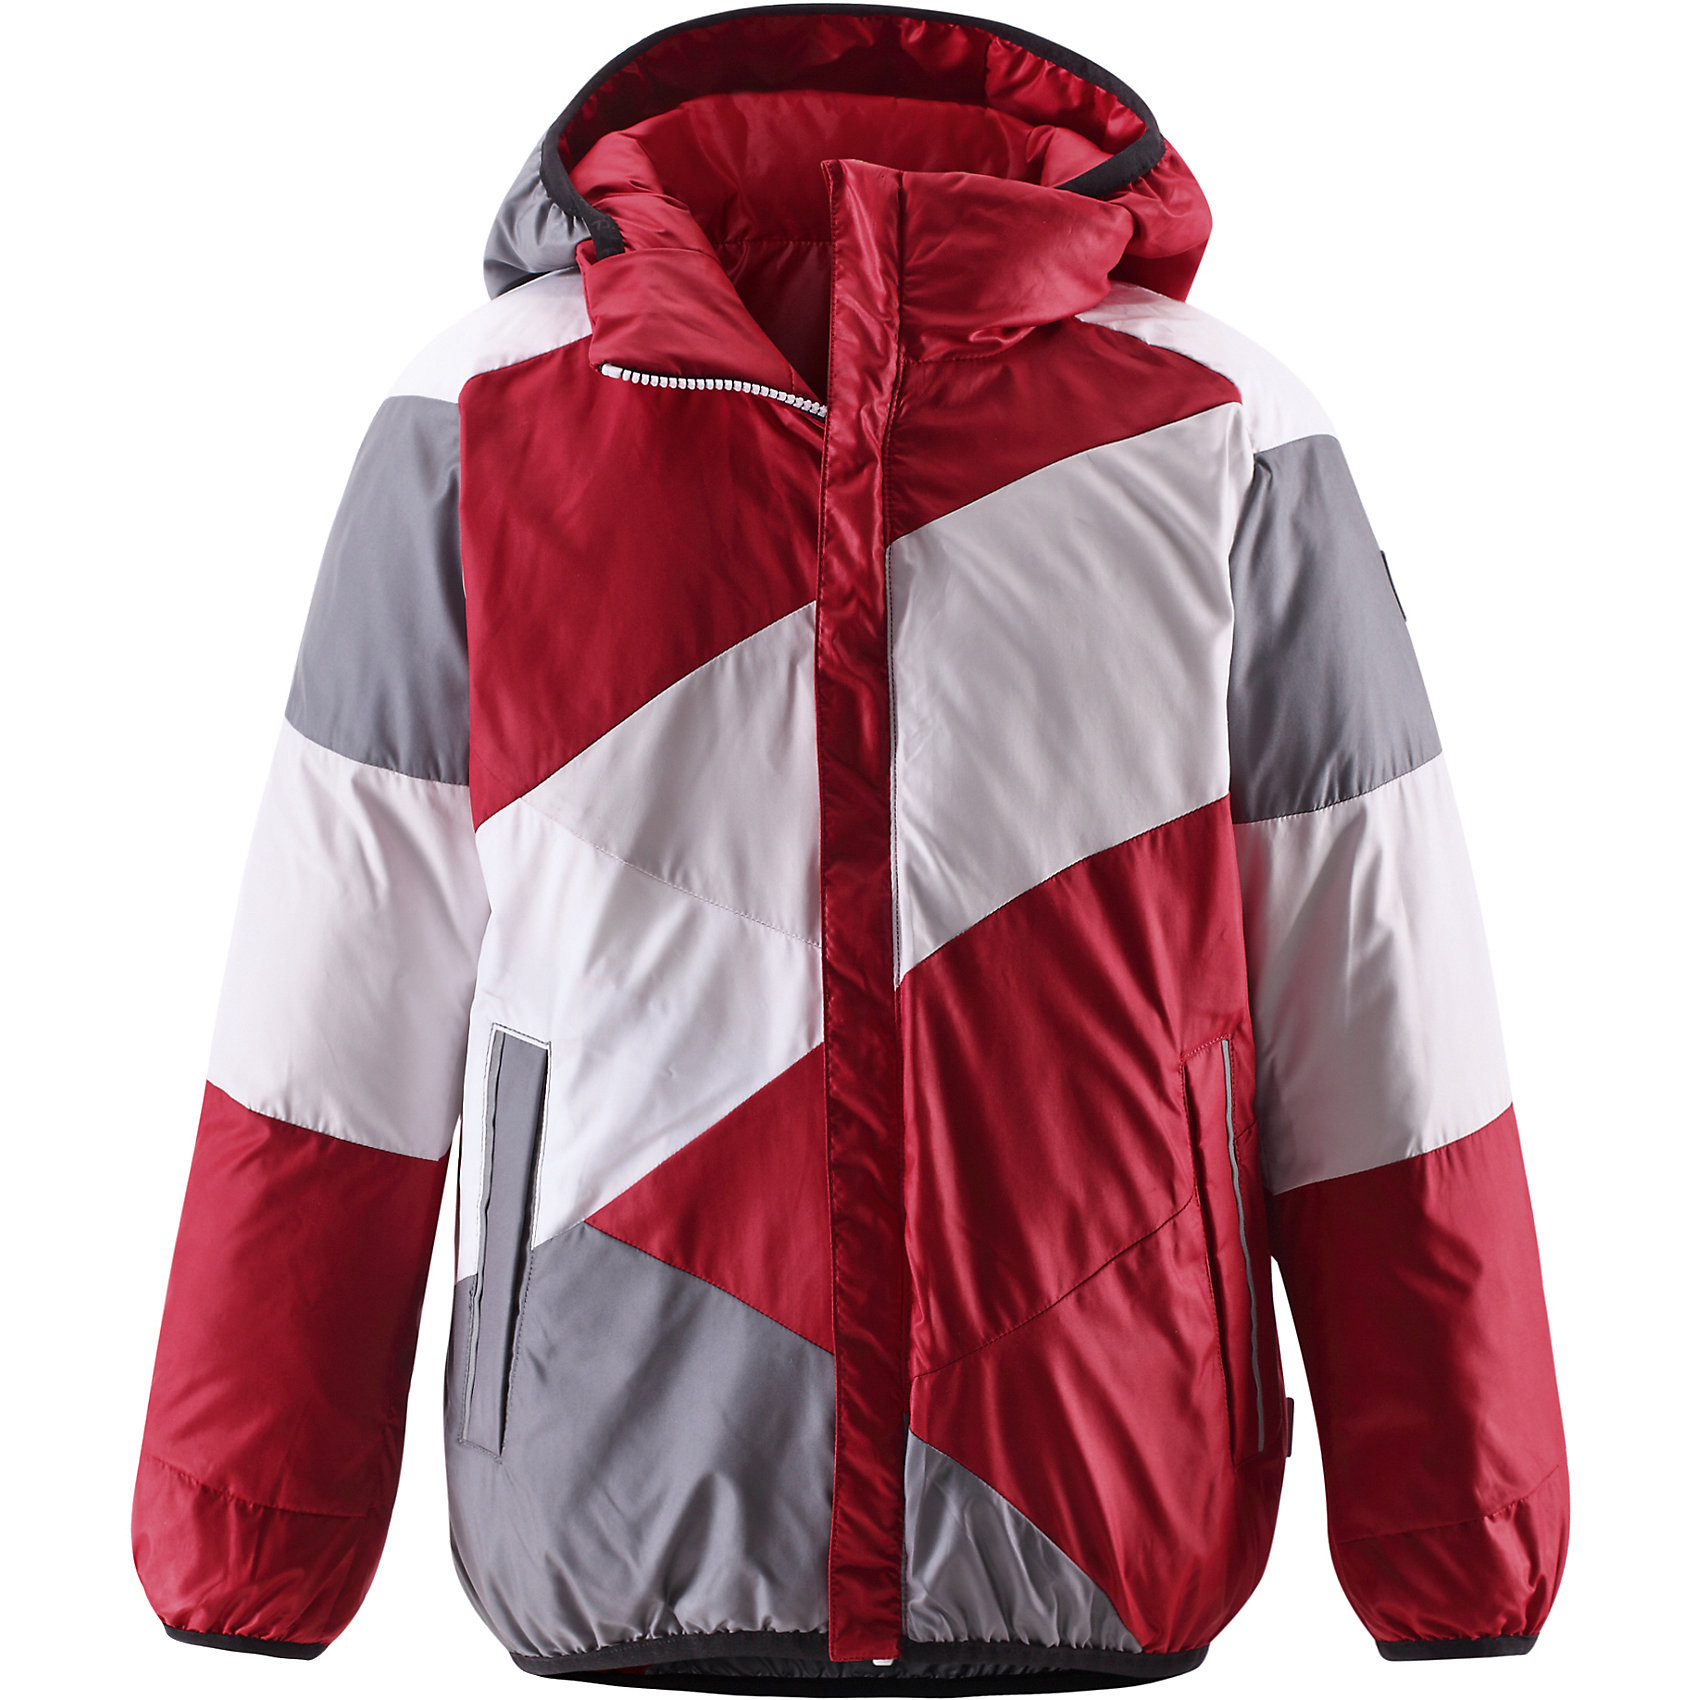 Куртка ReimaОдежда<br>Двусторонняя куртка от финской марки Reima.<br><br>Сегодня однотонная, а завтра яркая и разноцветная! Этот весёлый двусторонний пуховик для детей согреет любителей прогулок в морозные зимние деньки! Пошит из ветронепроницаемого и пропускающего воздух материала, который отталкивает грязь и влагу.<br><br>В этом пуховике вашему ребёнку будет сухо и тепло на прогулке. Традиционный пуховик прямого покроя со съёмным капюшоном, который защитит от зимнего ветра. На этой великолепной зимней куртке имеется множество светоотражающих деталей, например, светоотражающие канты на карманах. Съёмный капюшон обеспечивает дополнительную надёжность - если закреплённый кнопками капюшон зацепится за что-нибудь, он легко отстегнётся. Выберите свой любимый цвет среди модных в этом сезоне расцветок!<br>- Двусторонний пуховик для подростков<br>- Одна сторона однотонная, другая - разноцветная<br>- Карманы на молниях<br>- Эластичный кант на манжетах рукавов, по краю капюшона и подола<br>- Безопасный съёмный капюшон<br><br>Состав:<br>Ткань-100%ПЭ,<br>Наполнитель-60%пух,40%перо<br><br>Ширина мм: 356<br>Глубина мм: 10<br>Высота мм: 245<br>Вес г: 519<br>Цвет: красный<br>Возраст от месяцев: 36<br>Возраст до месяцев: 48<br>Пол: Унисекс<br>Возраст: Детский<br>Размер: 104,164,122,152,146,140,134,128,116,110,158<br>SKU: 4632039